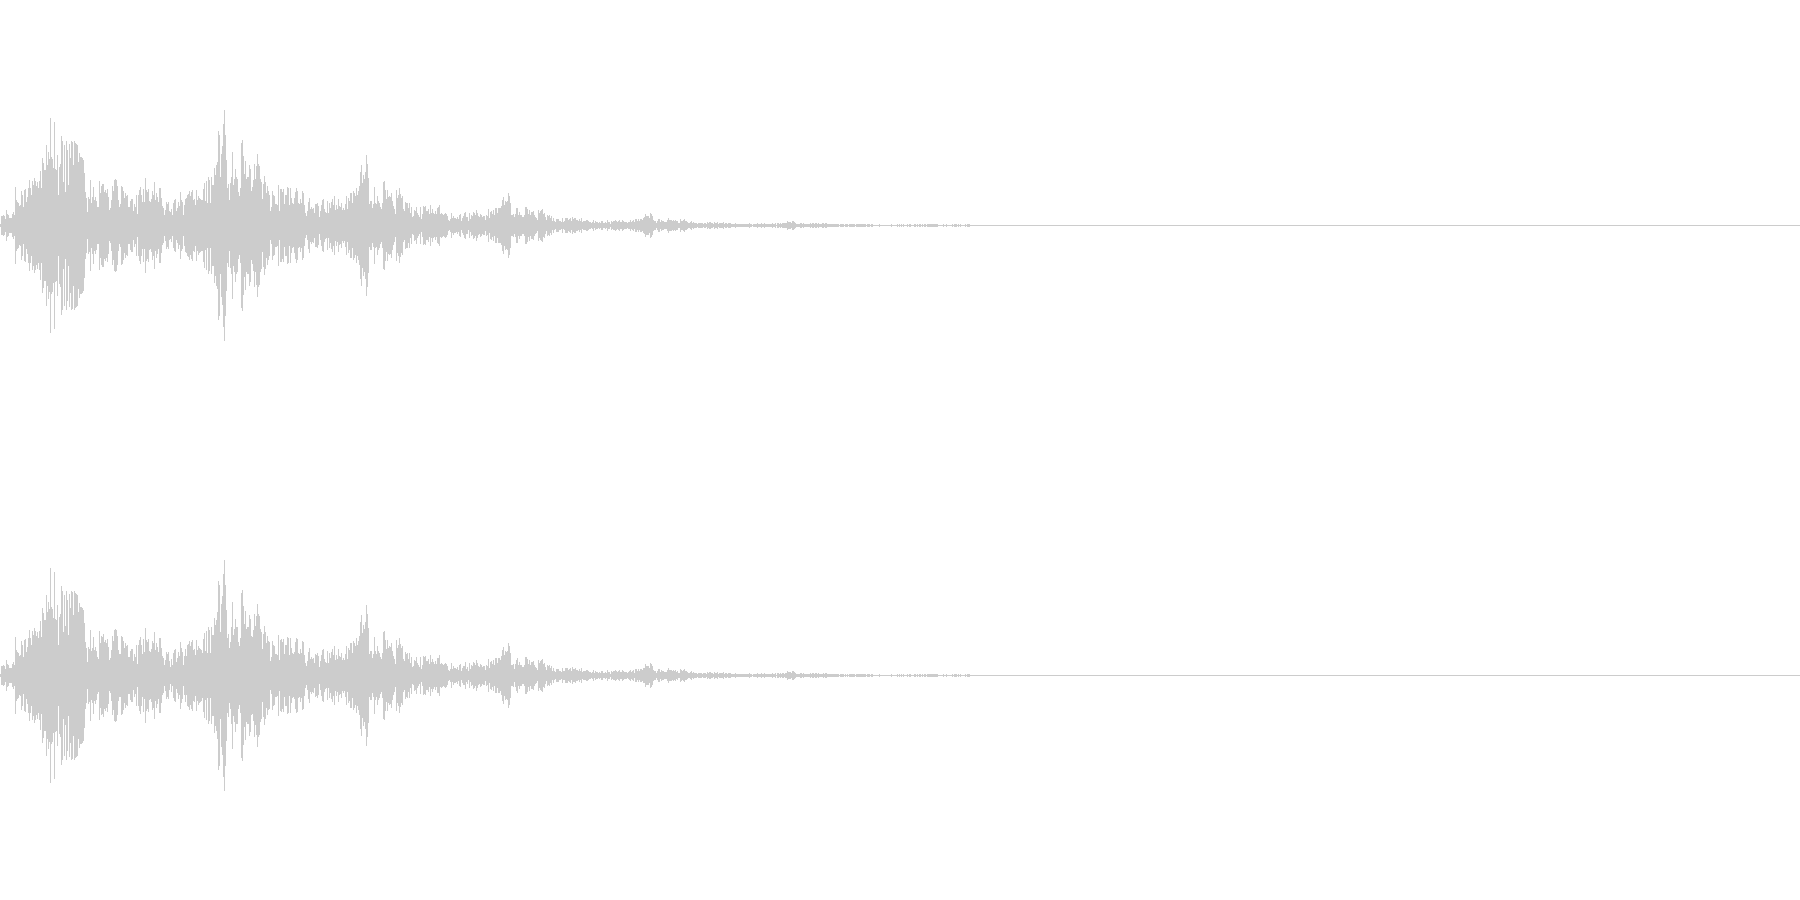 選択、決定等のシステム効果音のイメージ…の未再生の波形